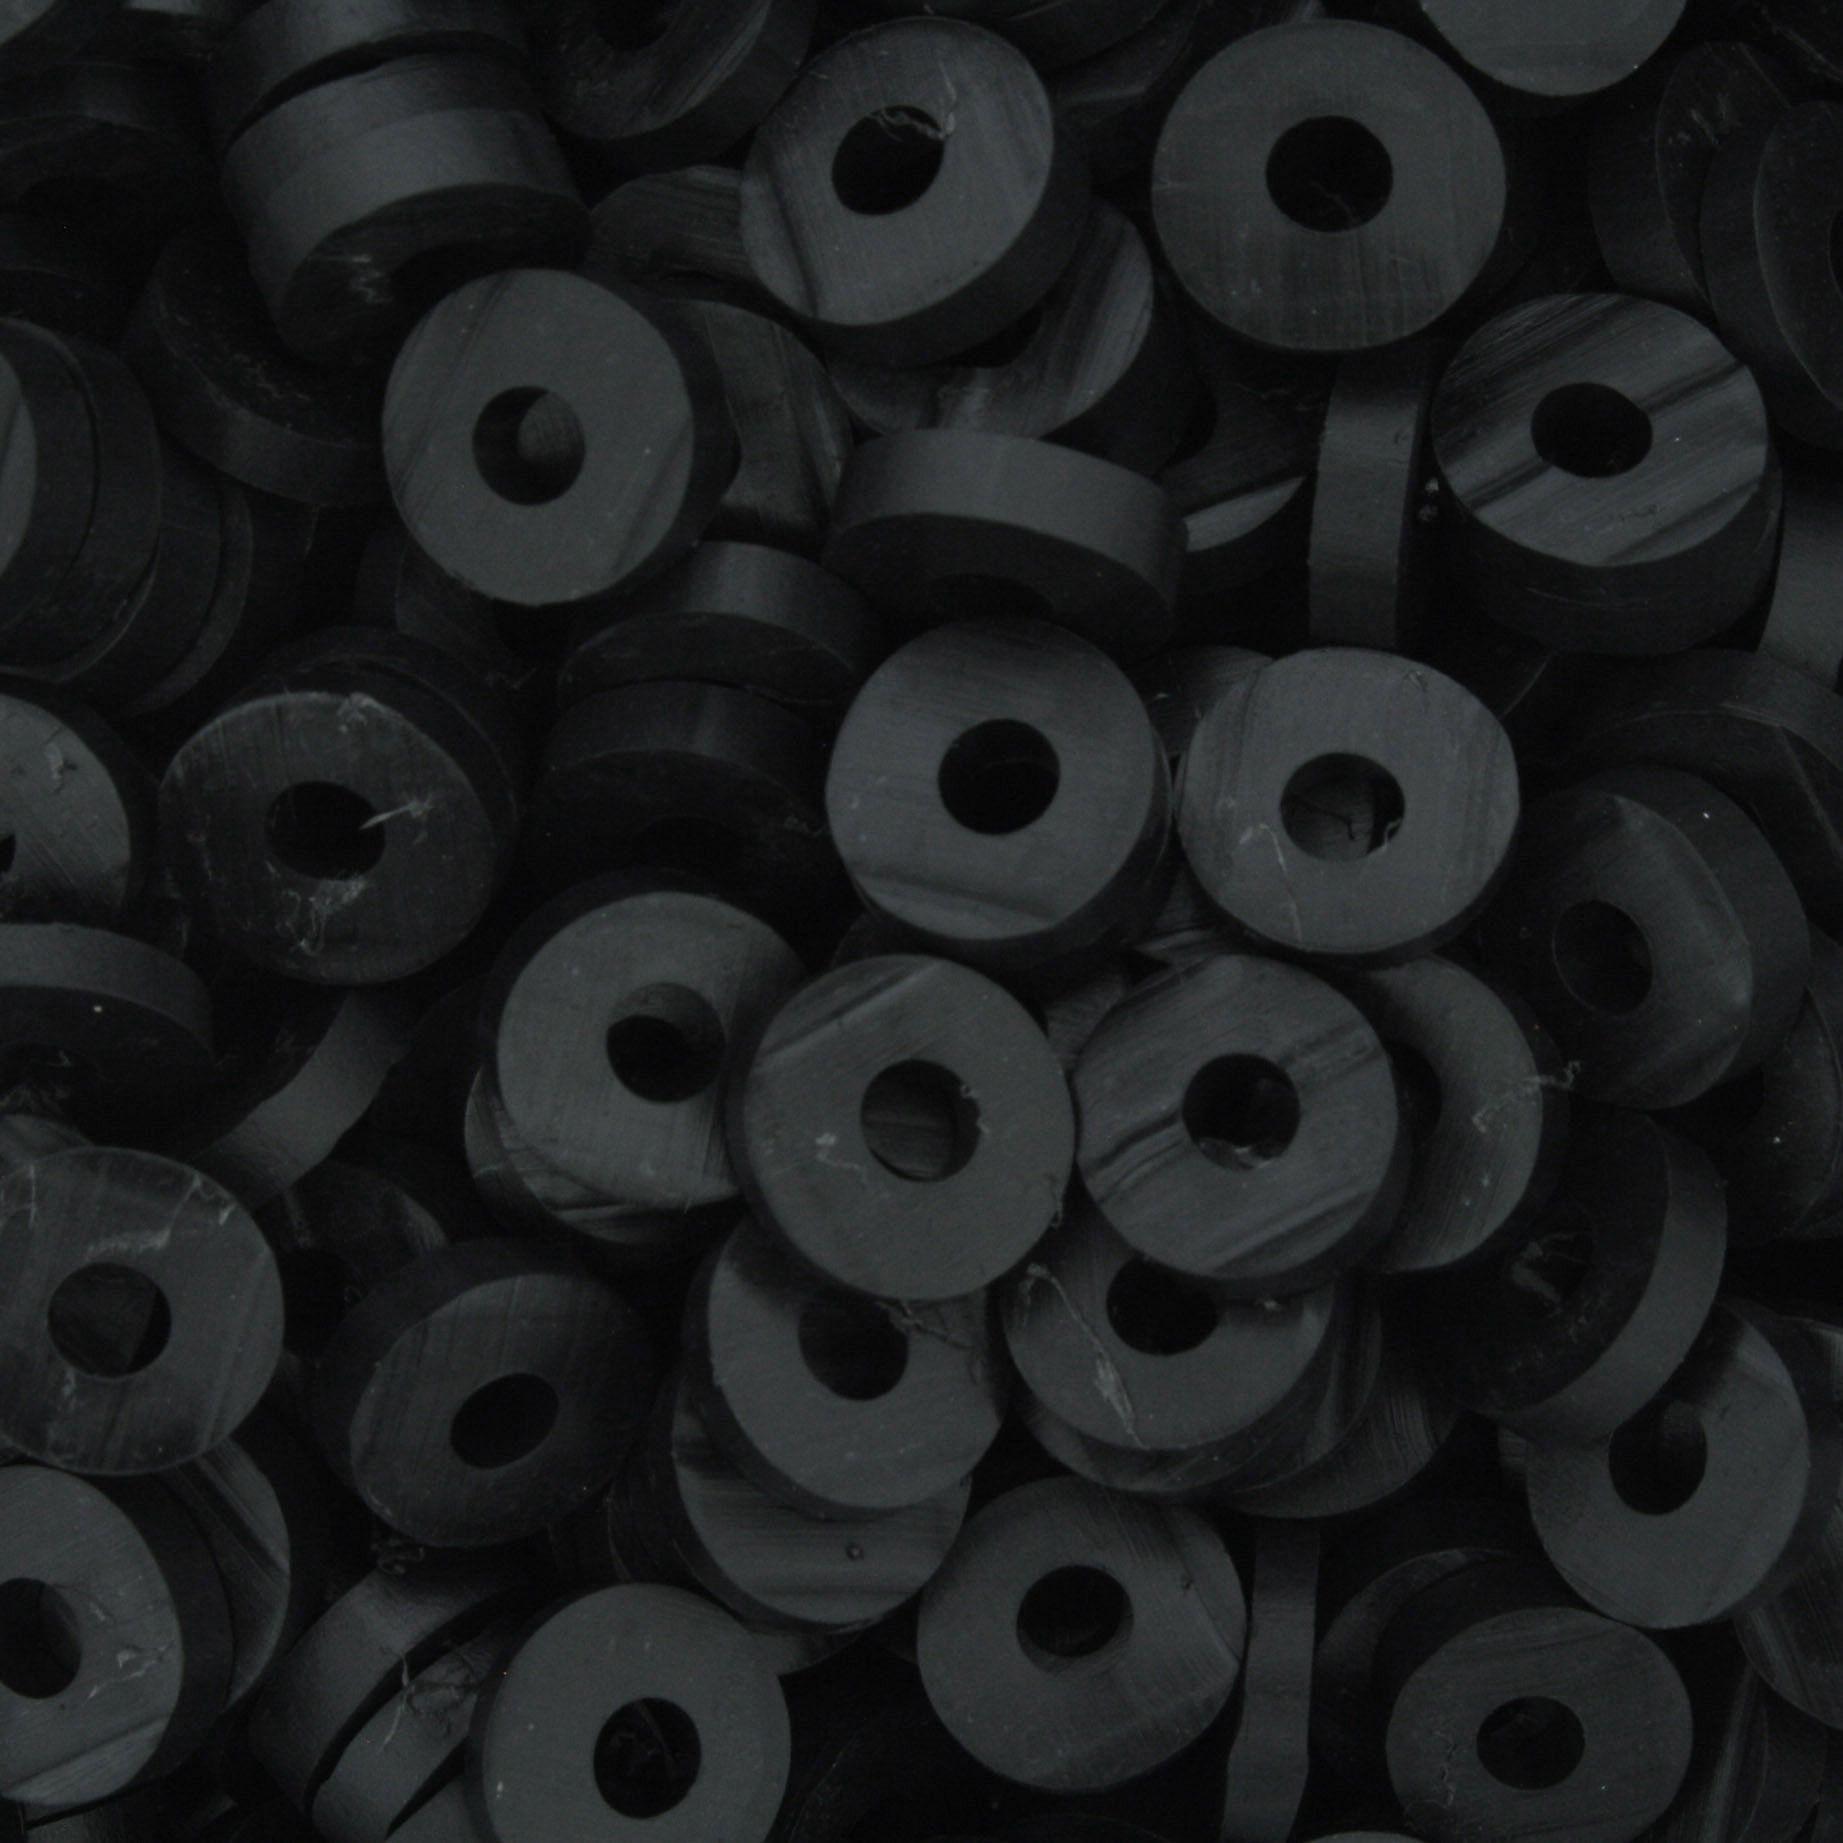 Disquinho - Preto - 7mm  - Stéphanie Bijoux® - Peças para Bijuterias e Artesanato